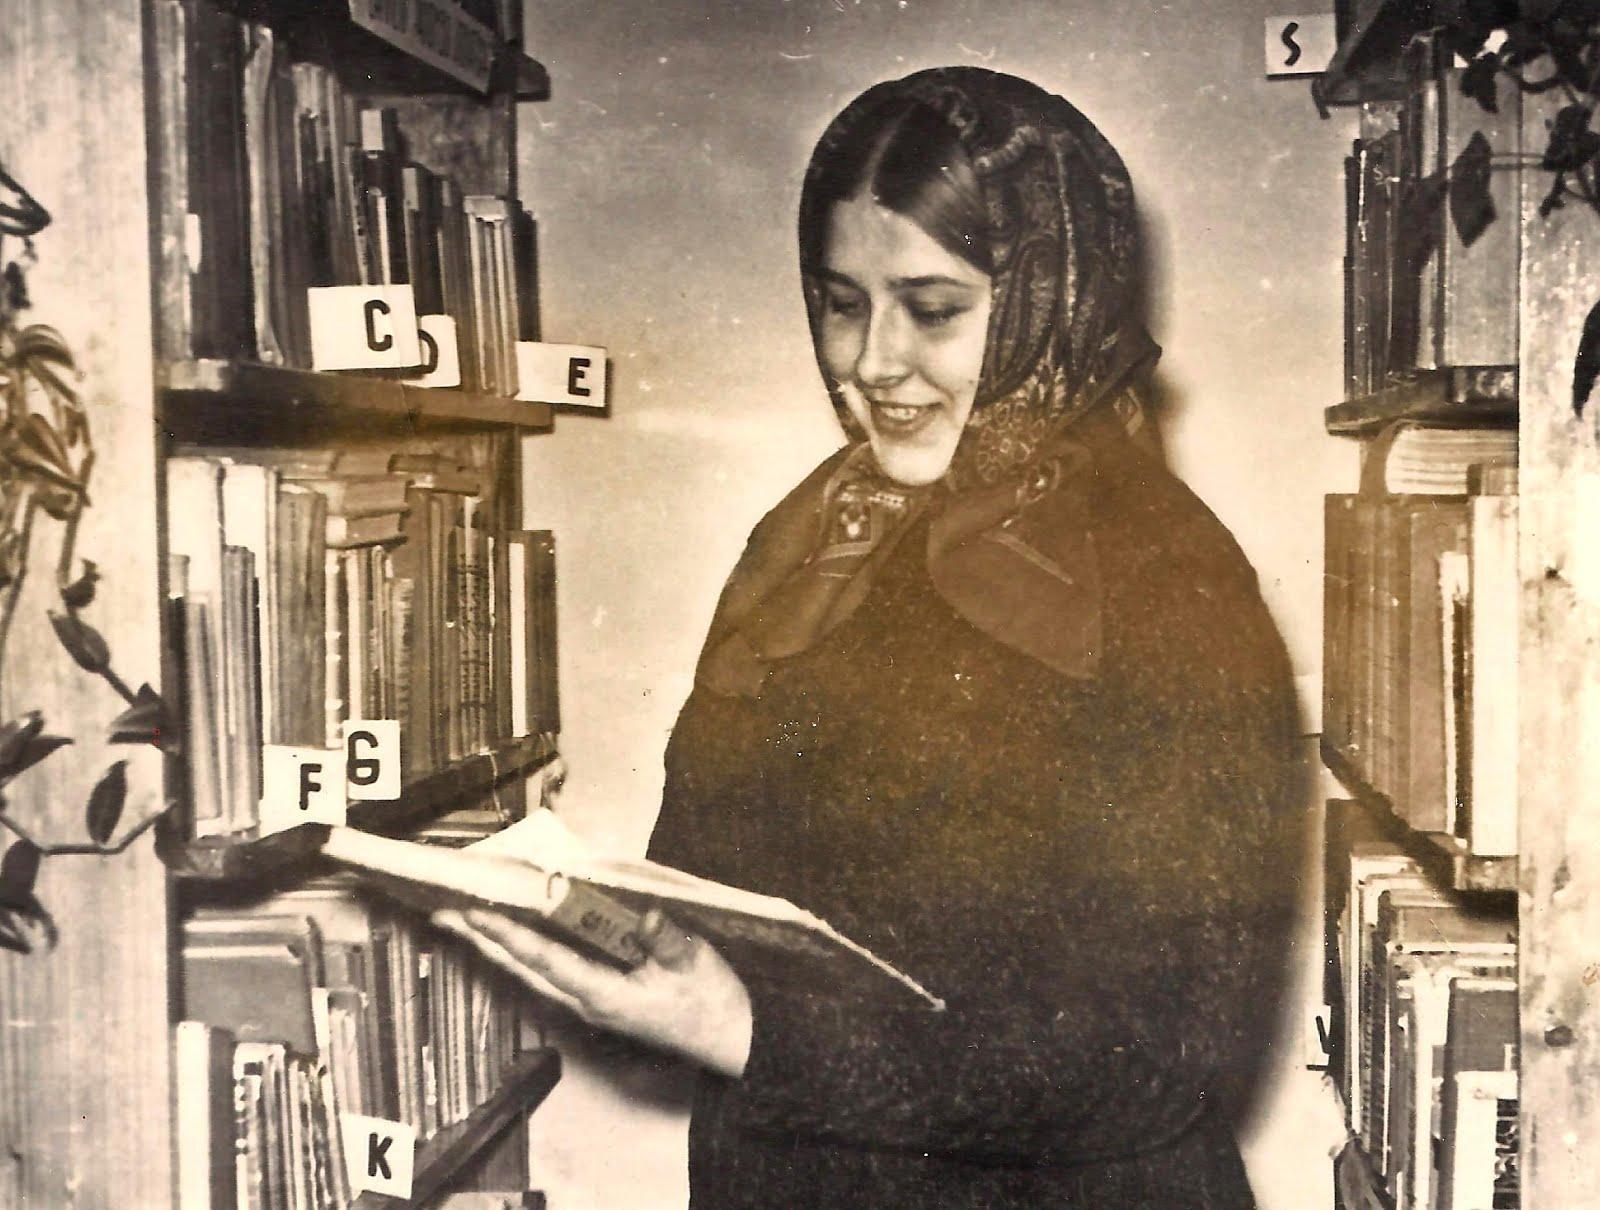 Lasītāja starp bibliotēkas plauktiem